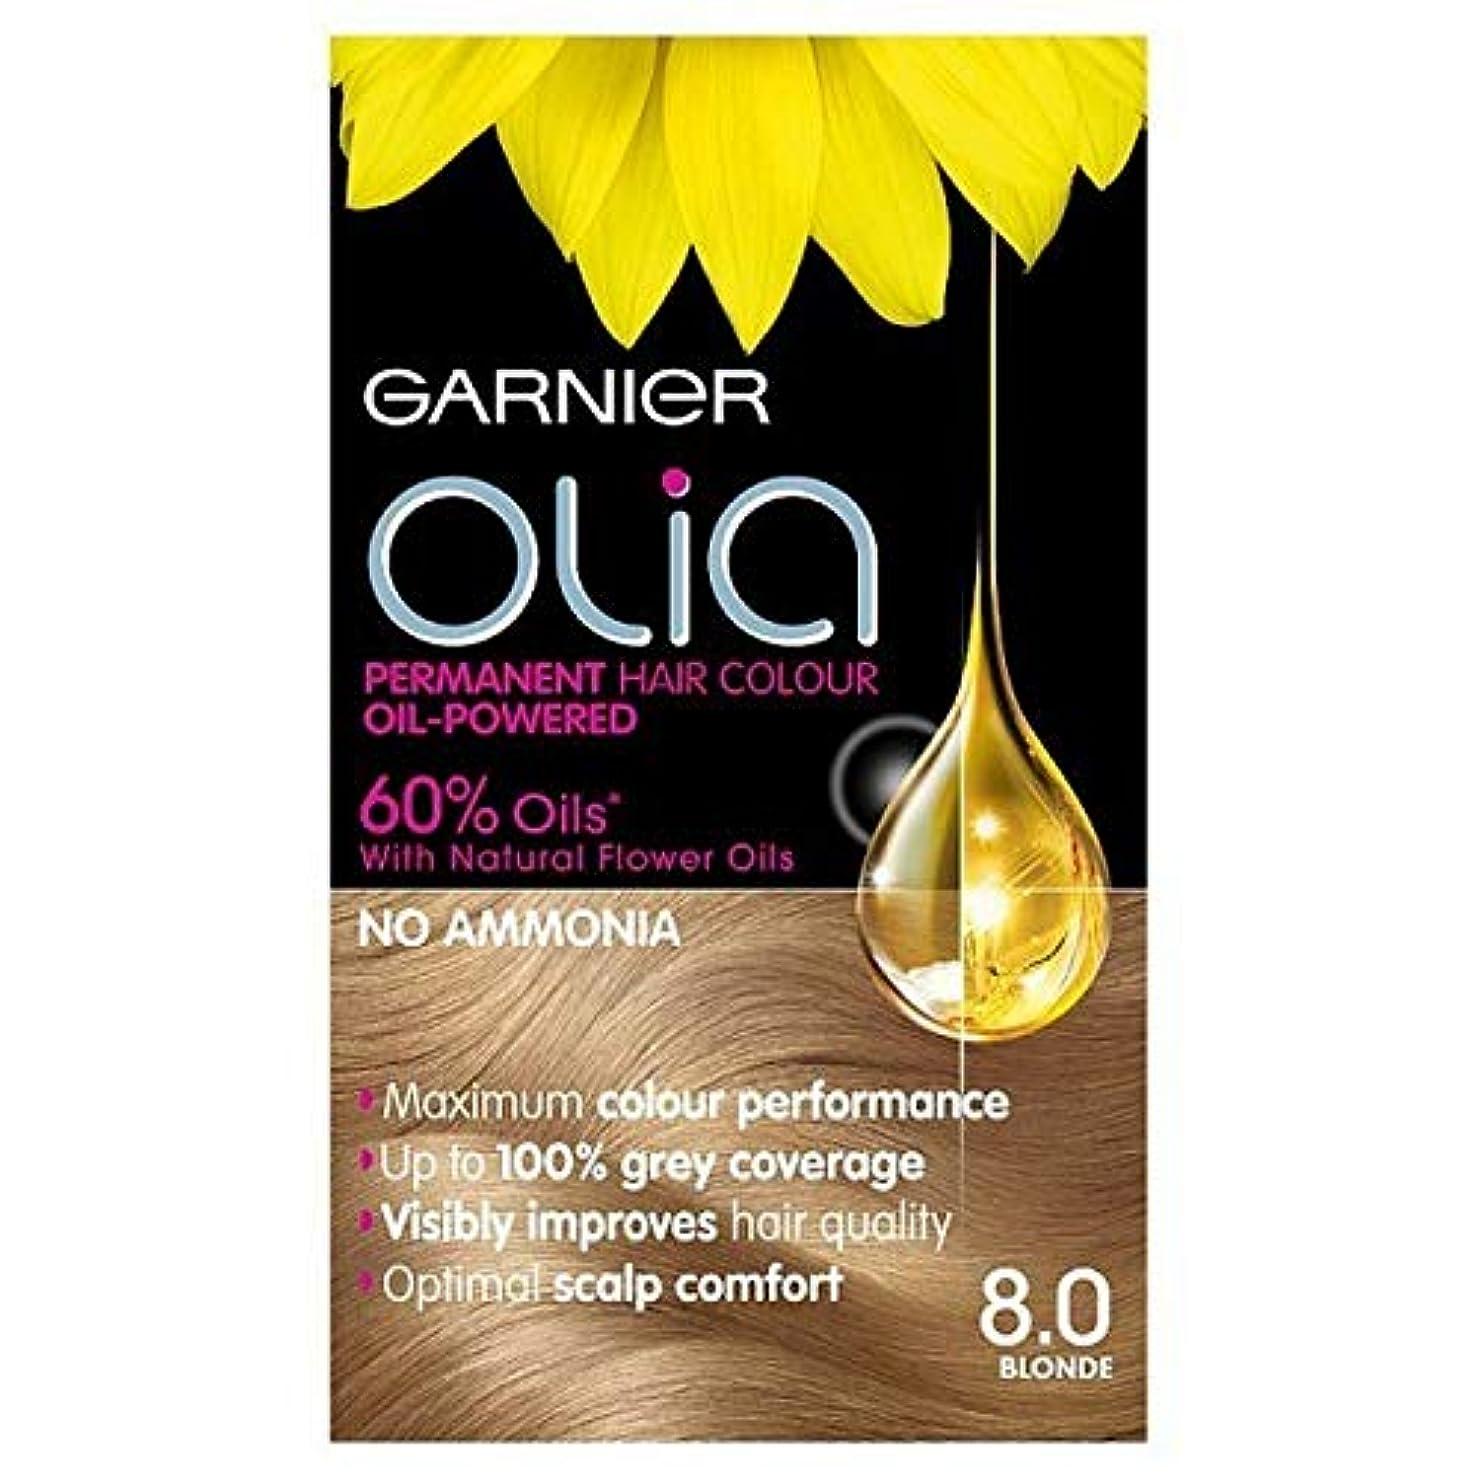 安全でない統合する包帯[Garnier ] 8.0ブロンドガルニエOliaパーマネントヘアダイ - Garnier Olia Permanent Hair Dye Blonde 8.0 [並行輸入品]